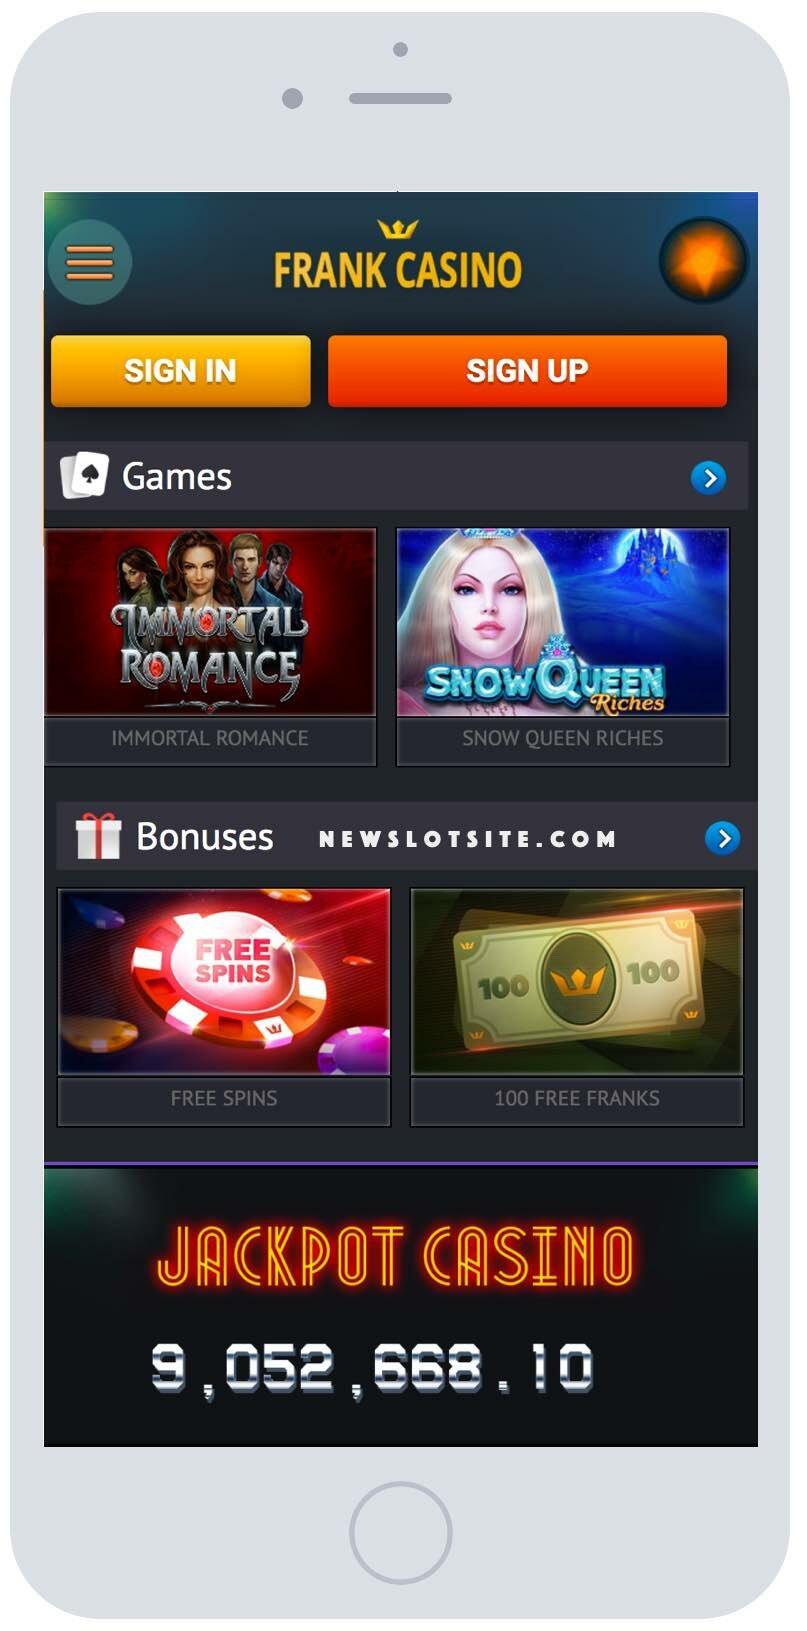 официальный сайт франк казино мобильная